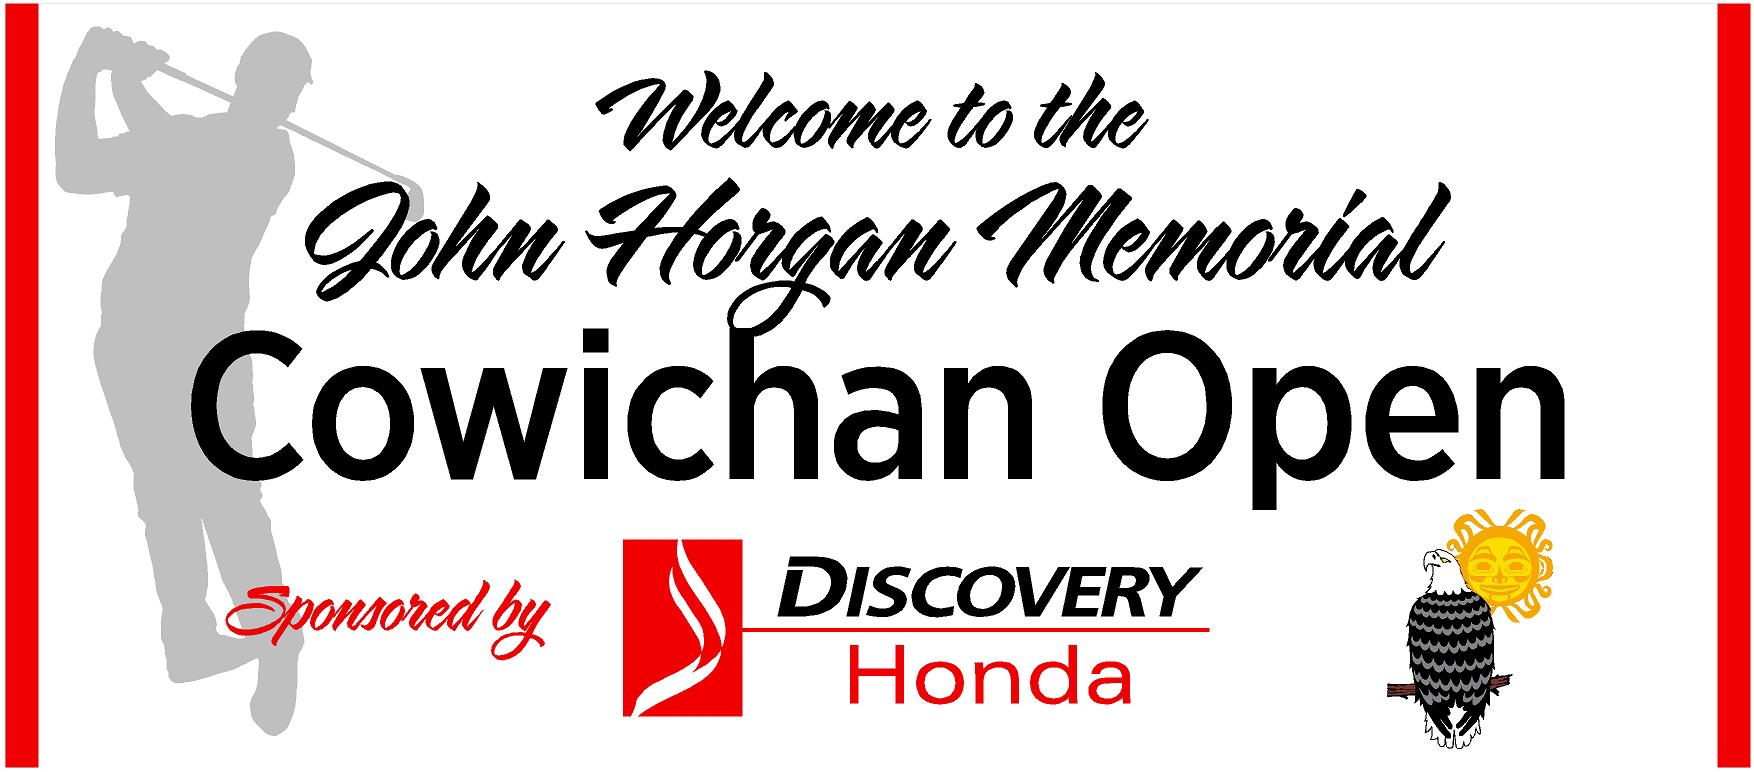 https://0901.nccdn.net/4_2/000/000/076/de9/john-horgan-cowichan-open-banner.jpg